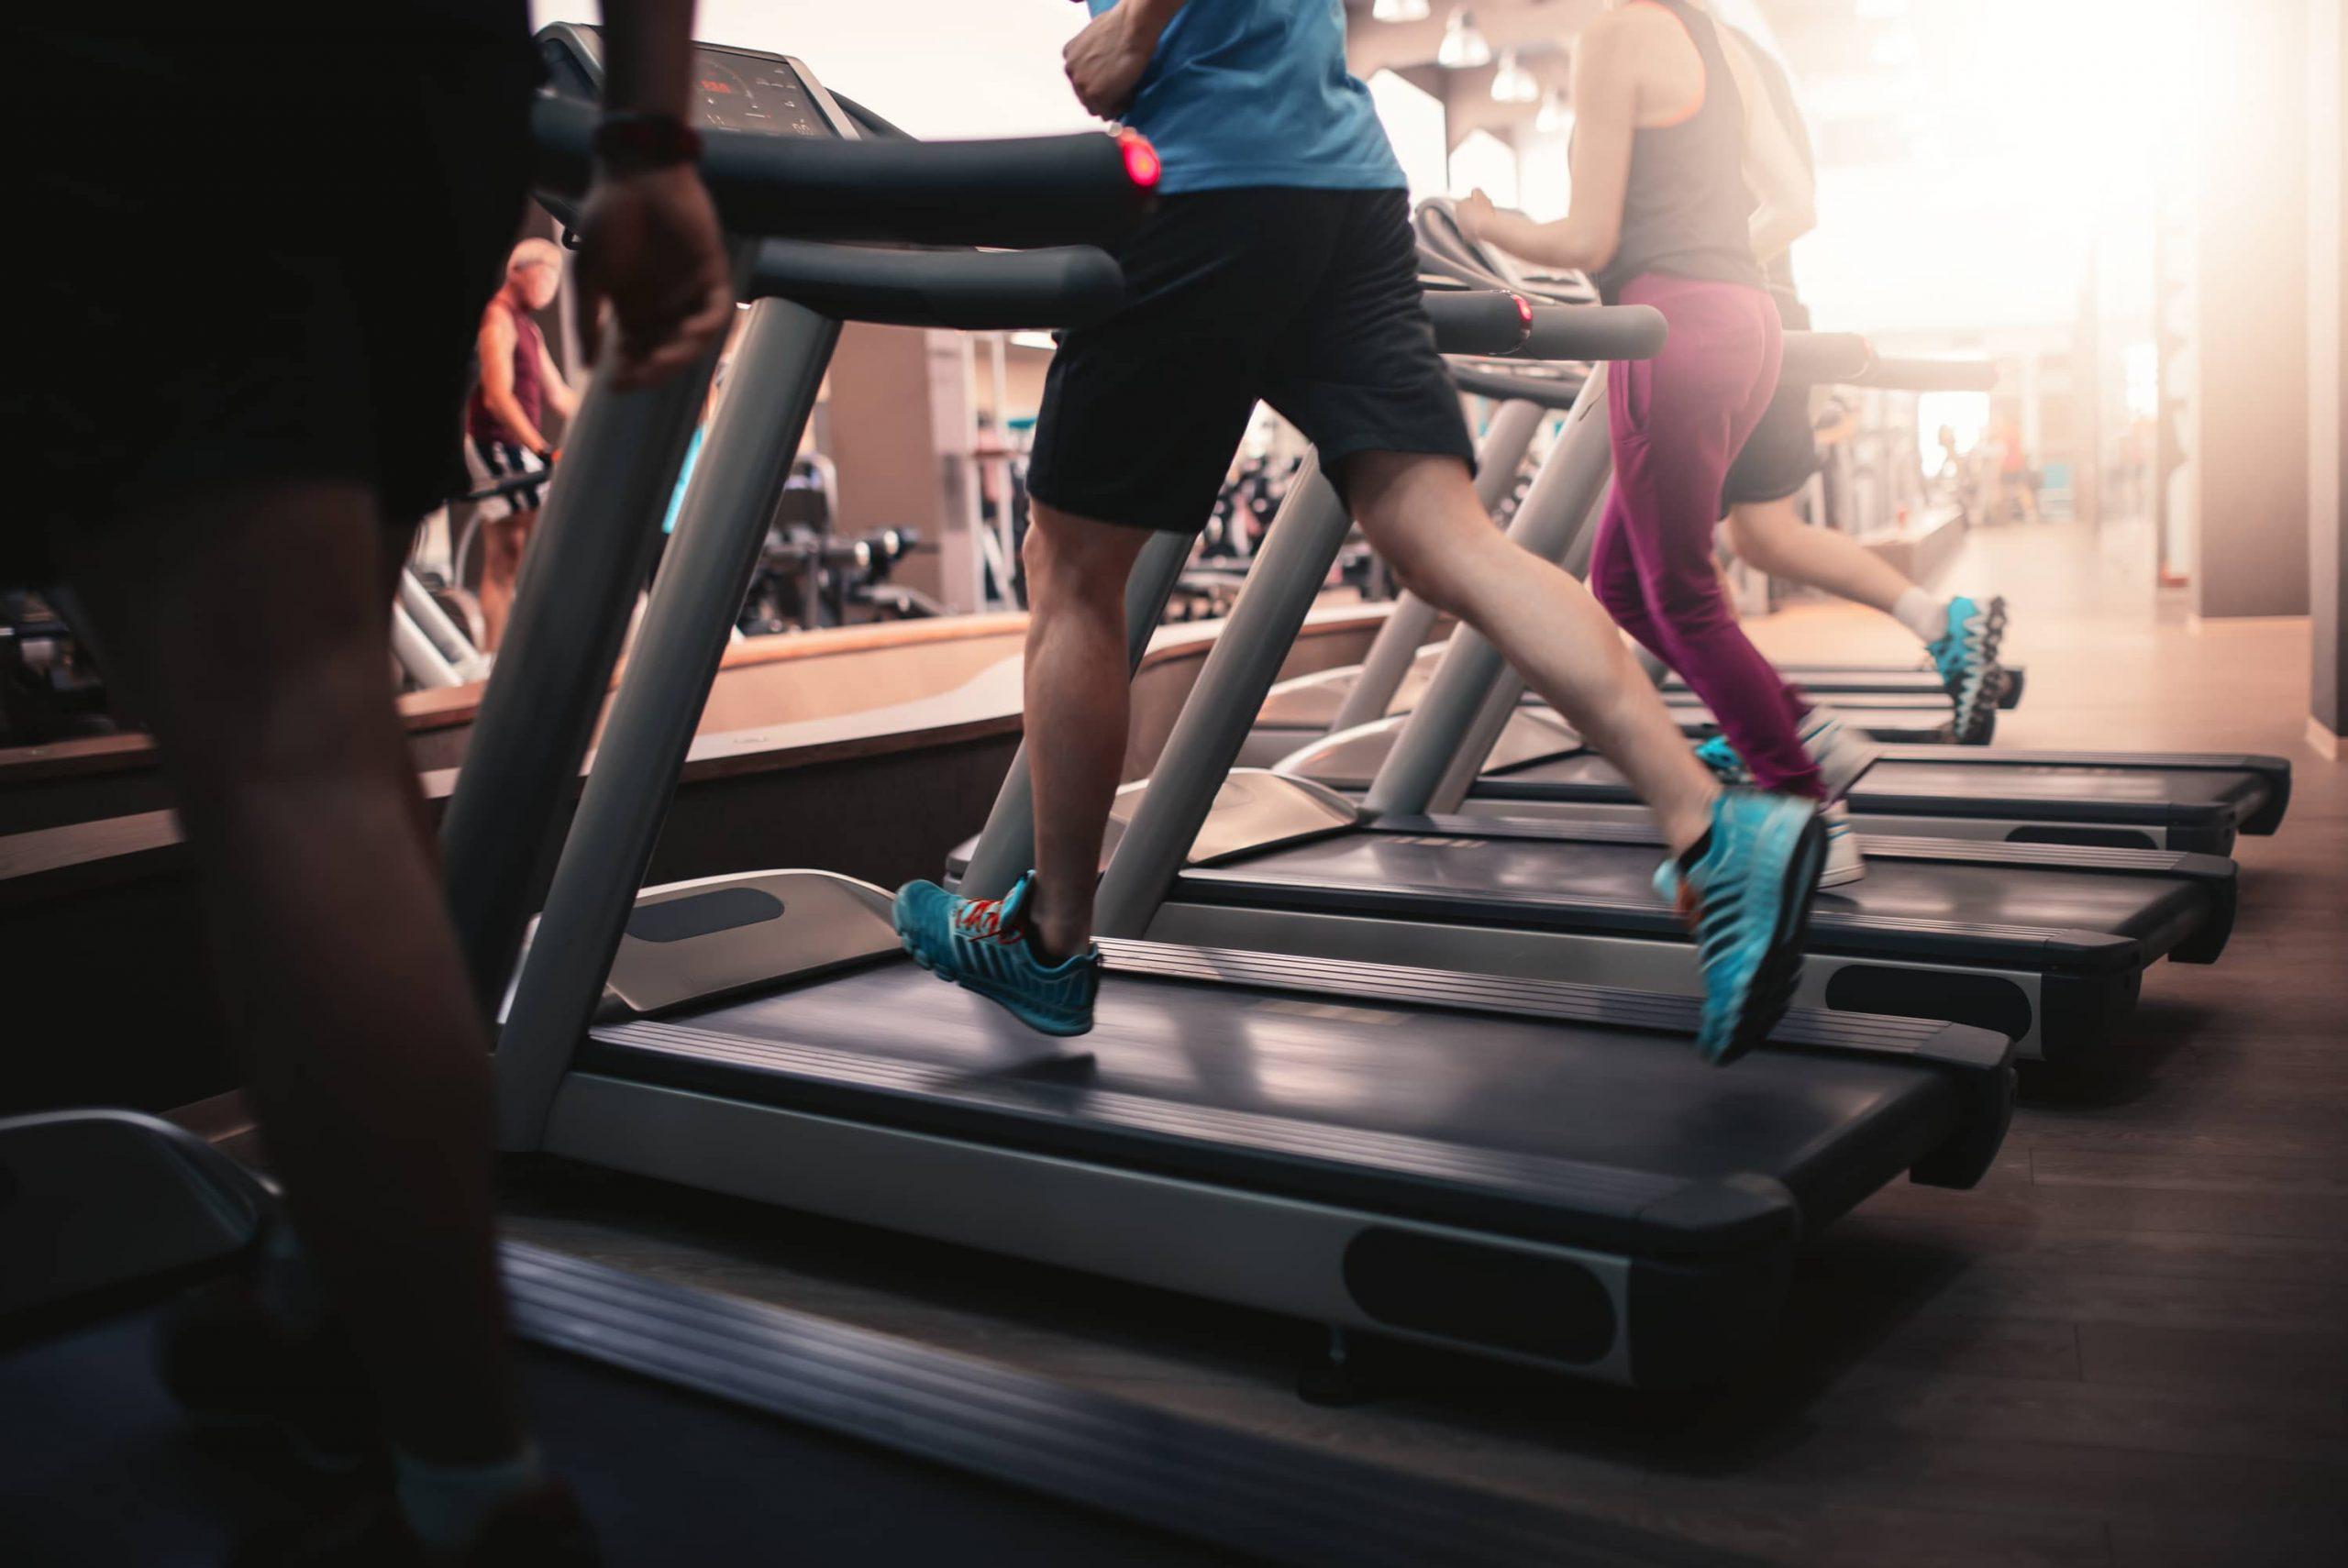 Activité physique et déficit calorique : l'association idéale pour perdre du poids efficacement ?